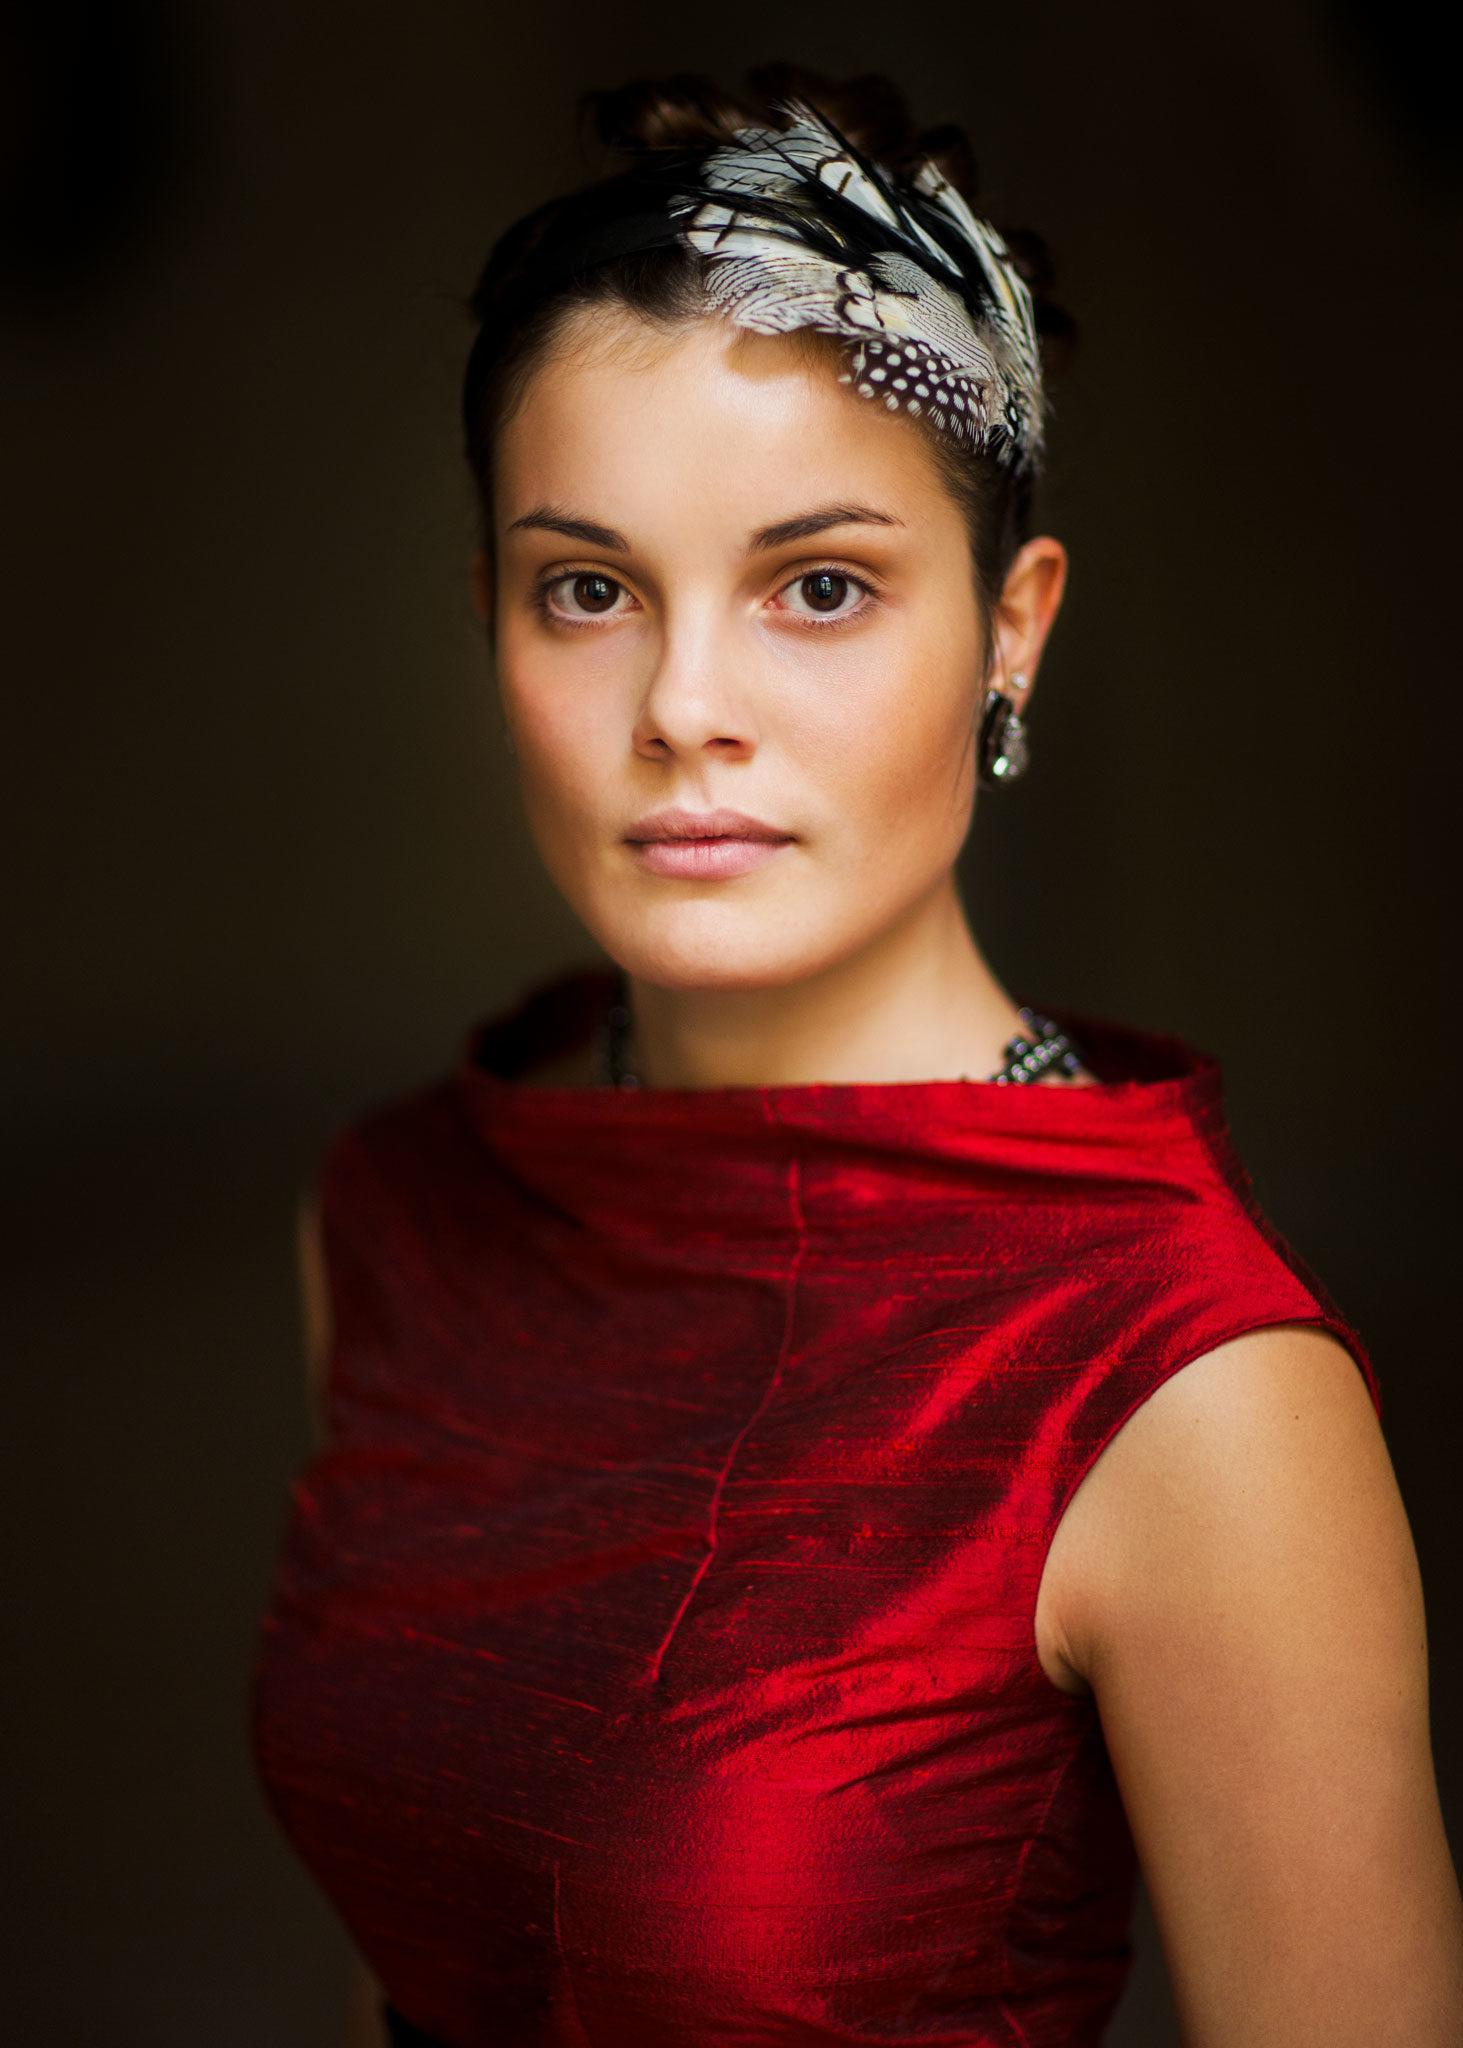 junge Frau in rotem Kleid und Haarschmuck schaut offen direkt in die Kamera, natürliches Fensterlicht mutet an wie gemalt. EMF Ernst Merkhofer Portraits, Portfolio,